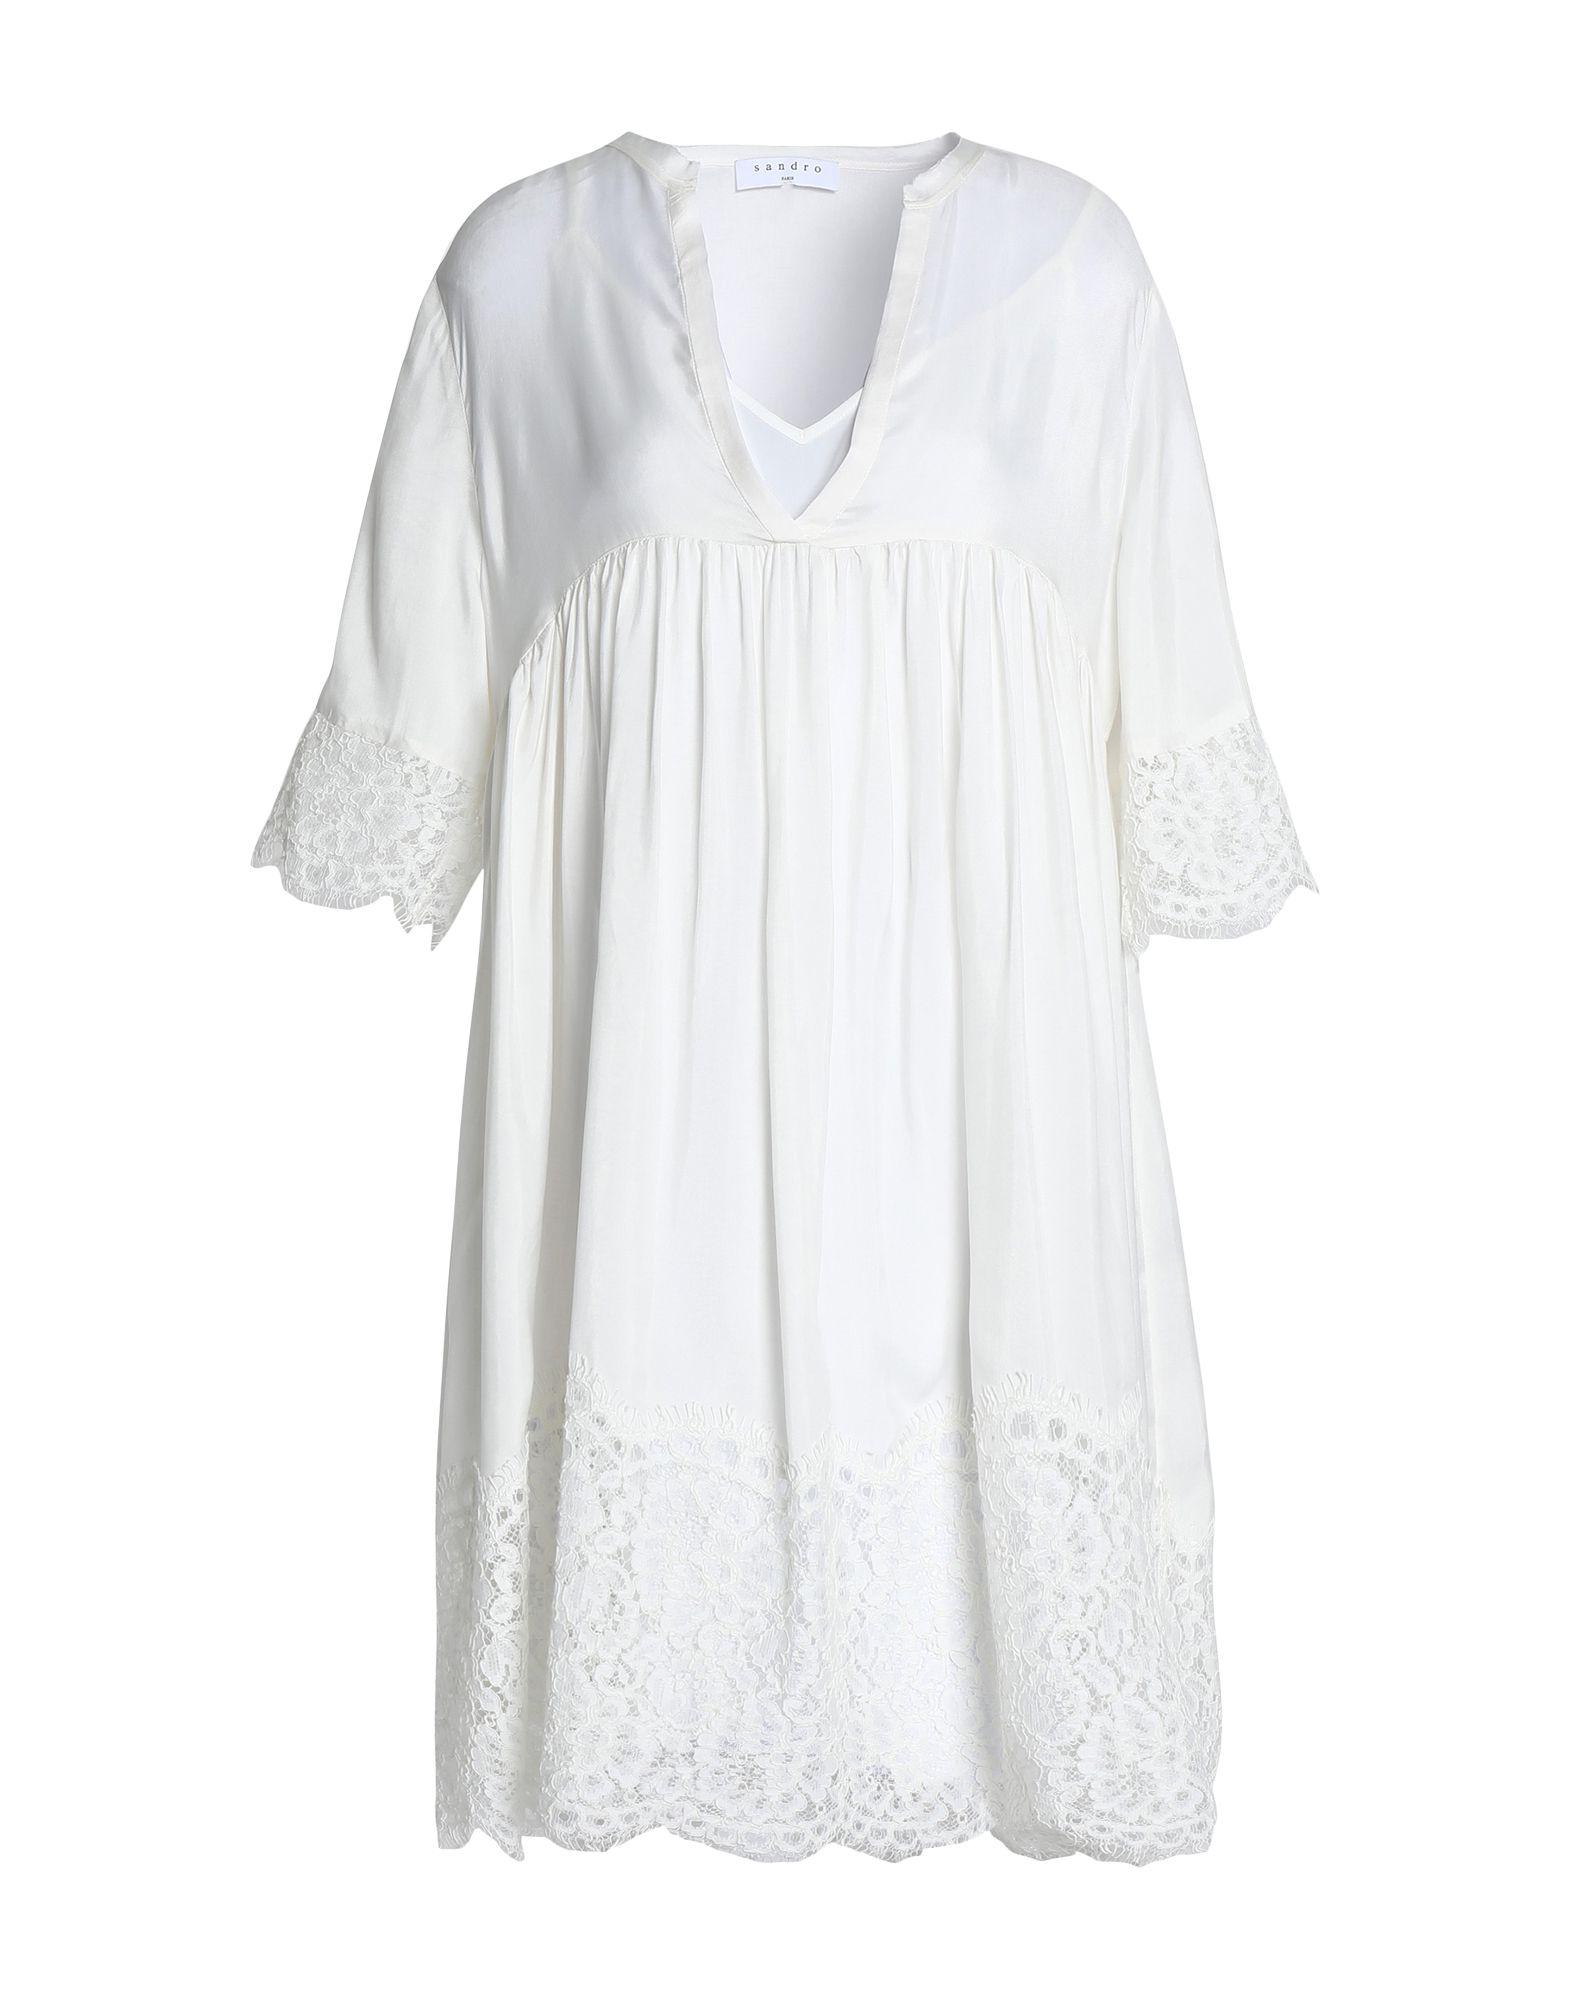 fd37027f36f Платья Sandro купить в интернет магазине - официальный сайт